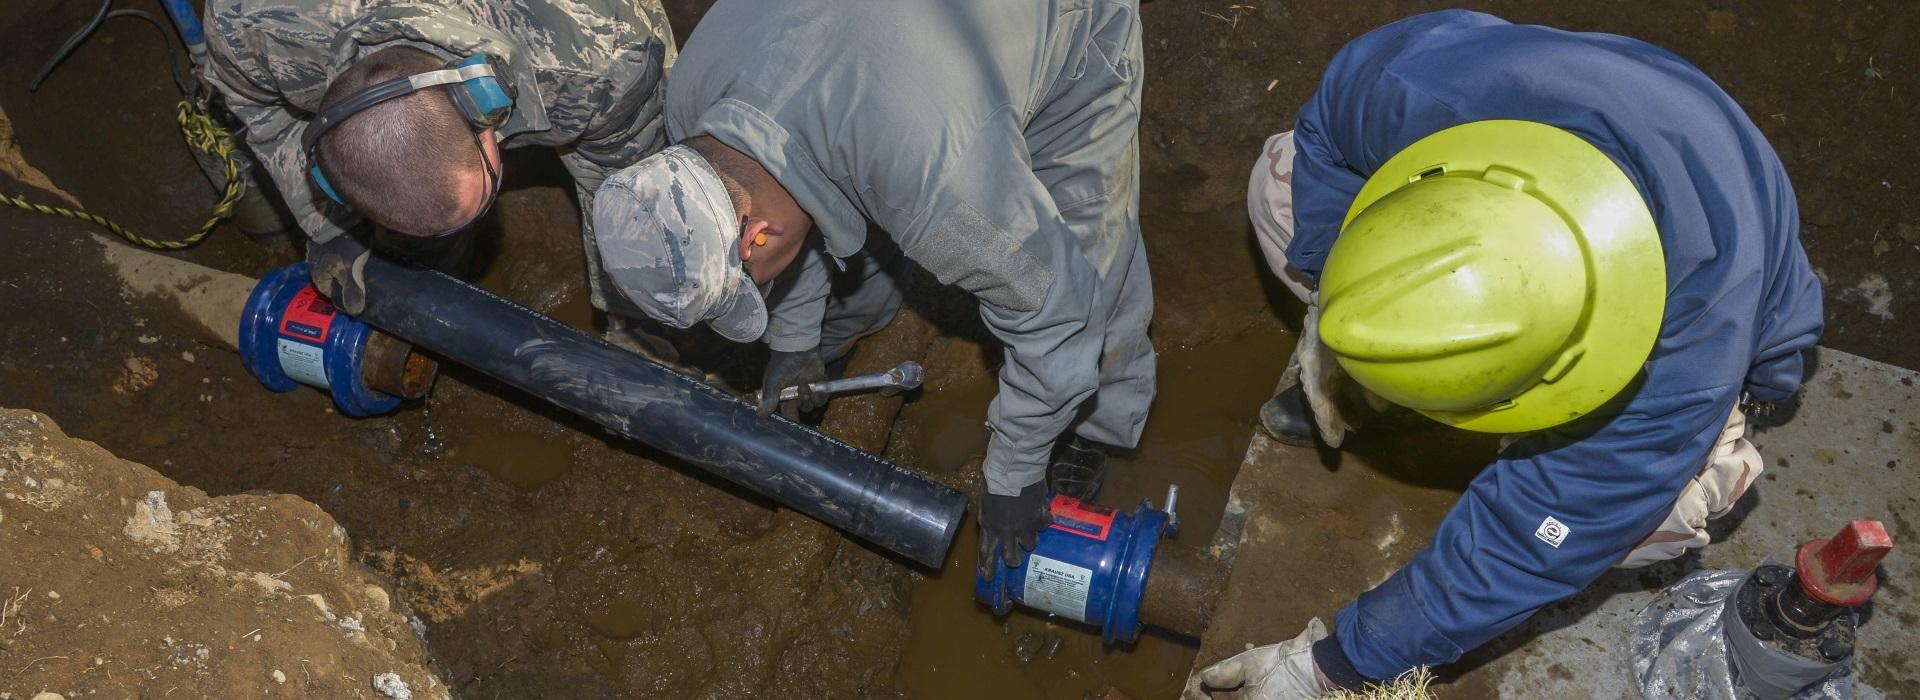 vízvezeték szerelő, vízszerelő, csőtörés, vízvezeték szerelő pécs, vízszerelő pécs, csőtörés pécs